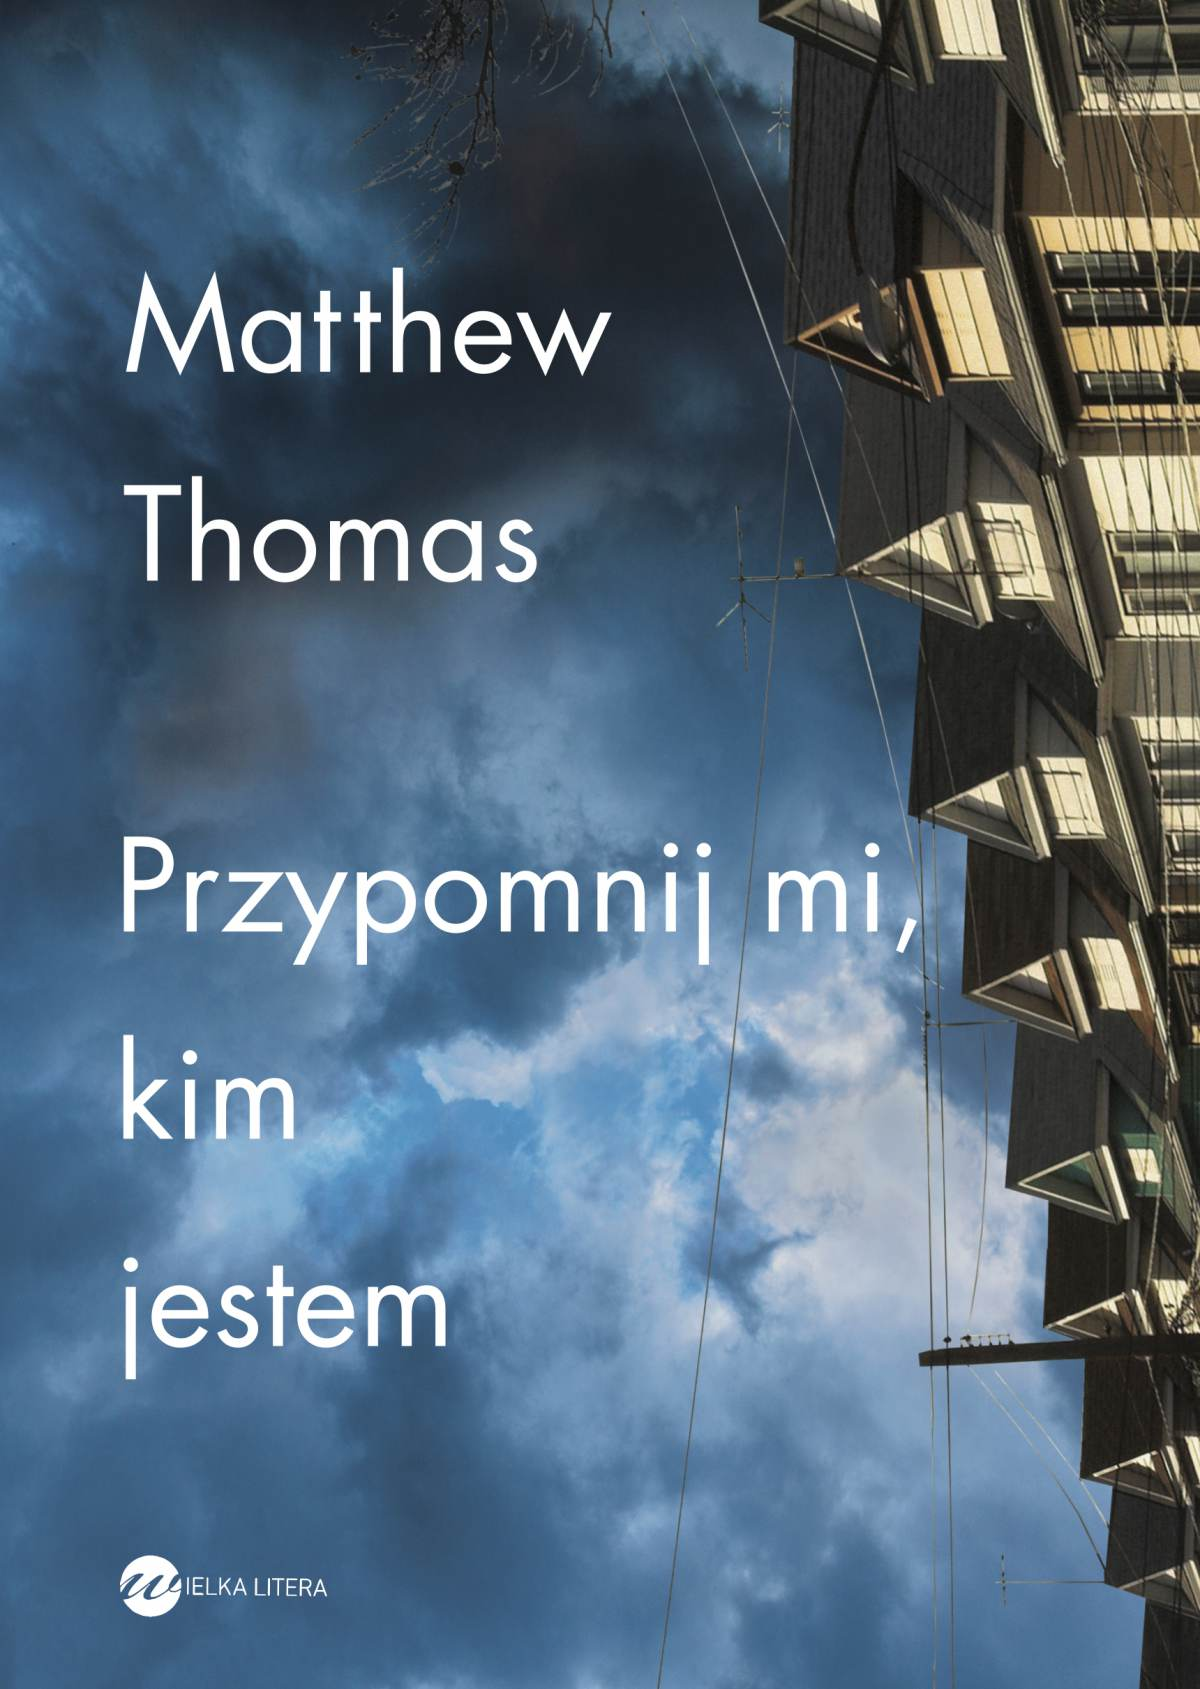 Przypomnij mi,kim jestem - Matthew Thomas